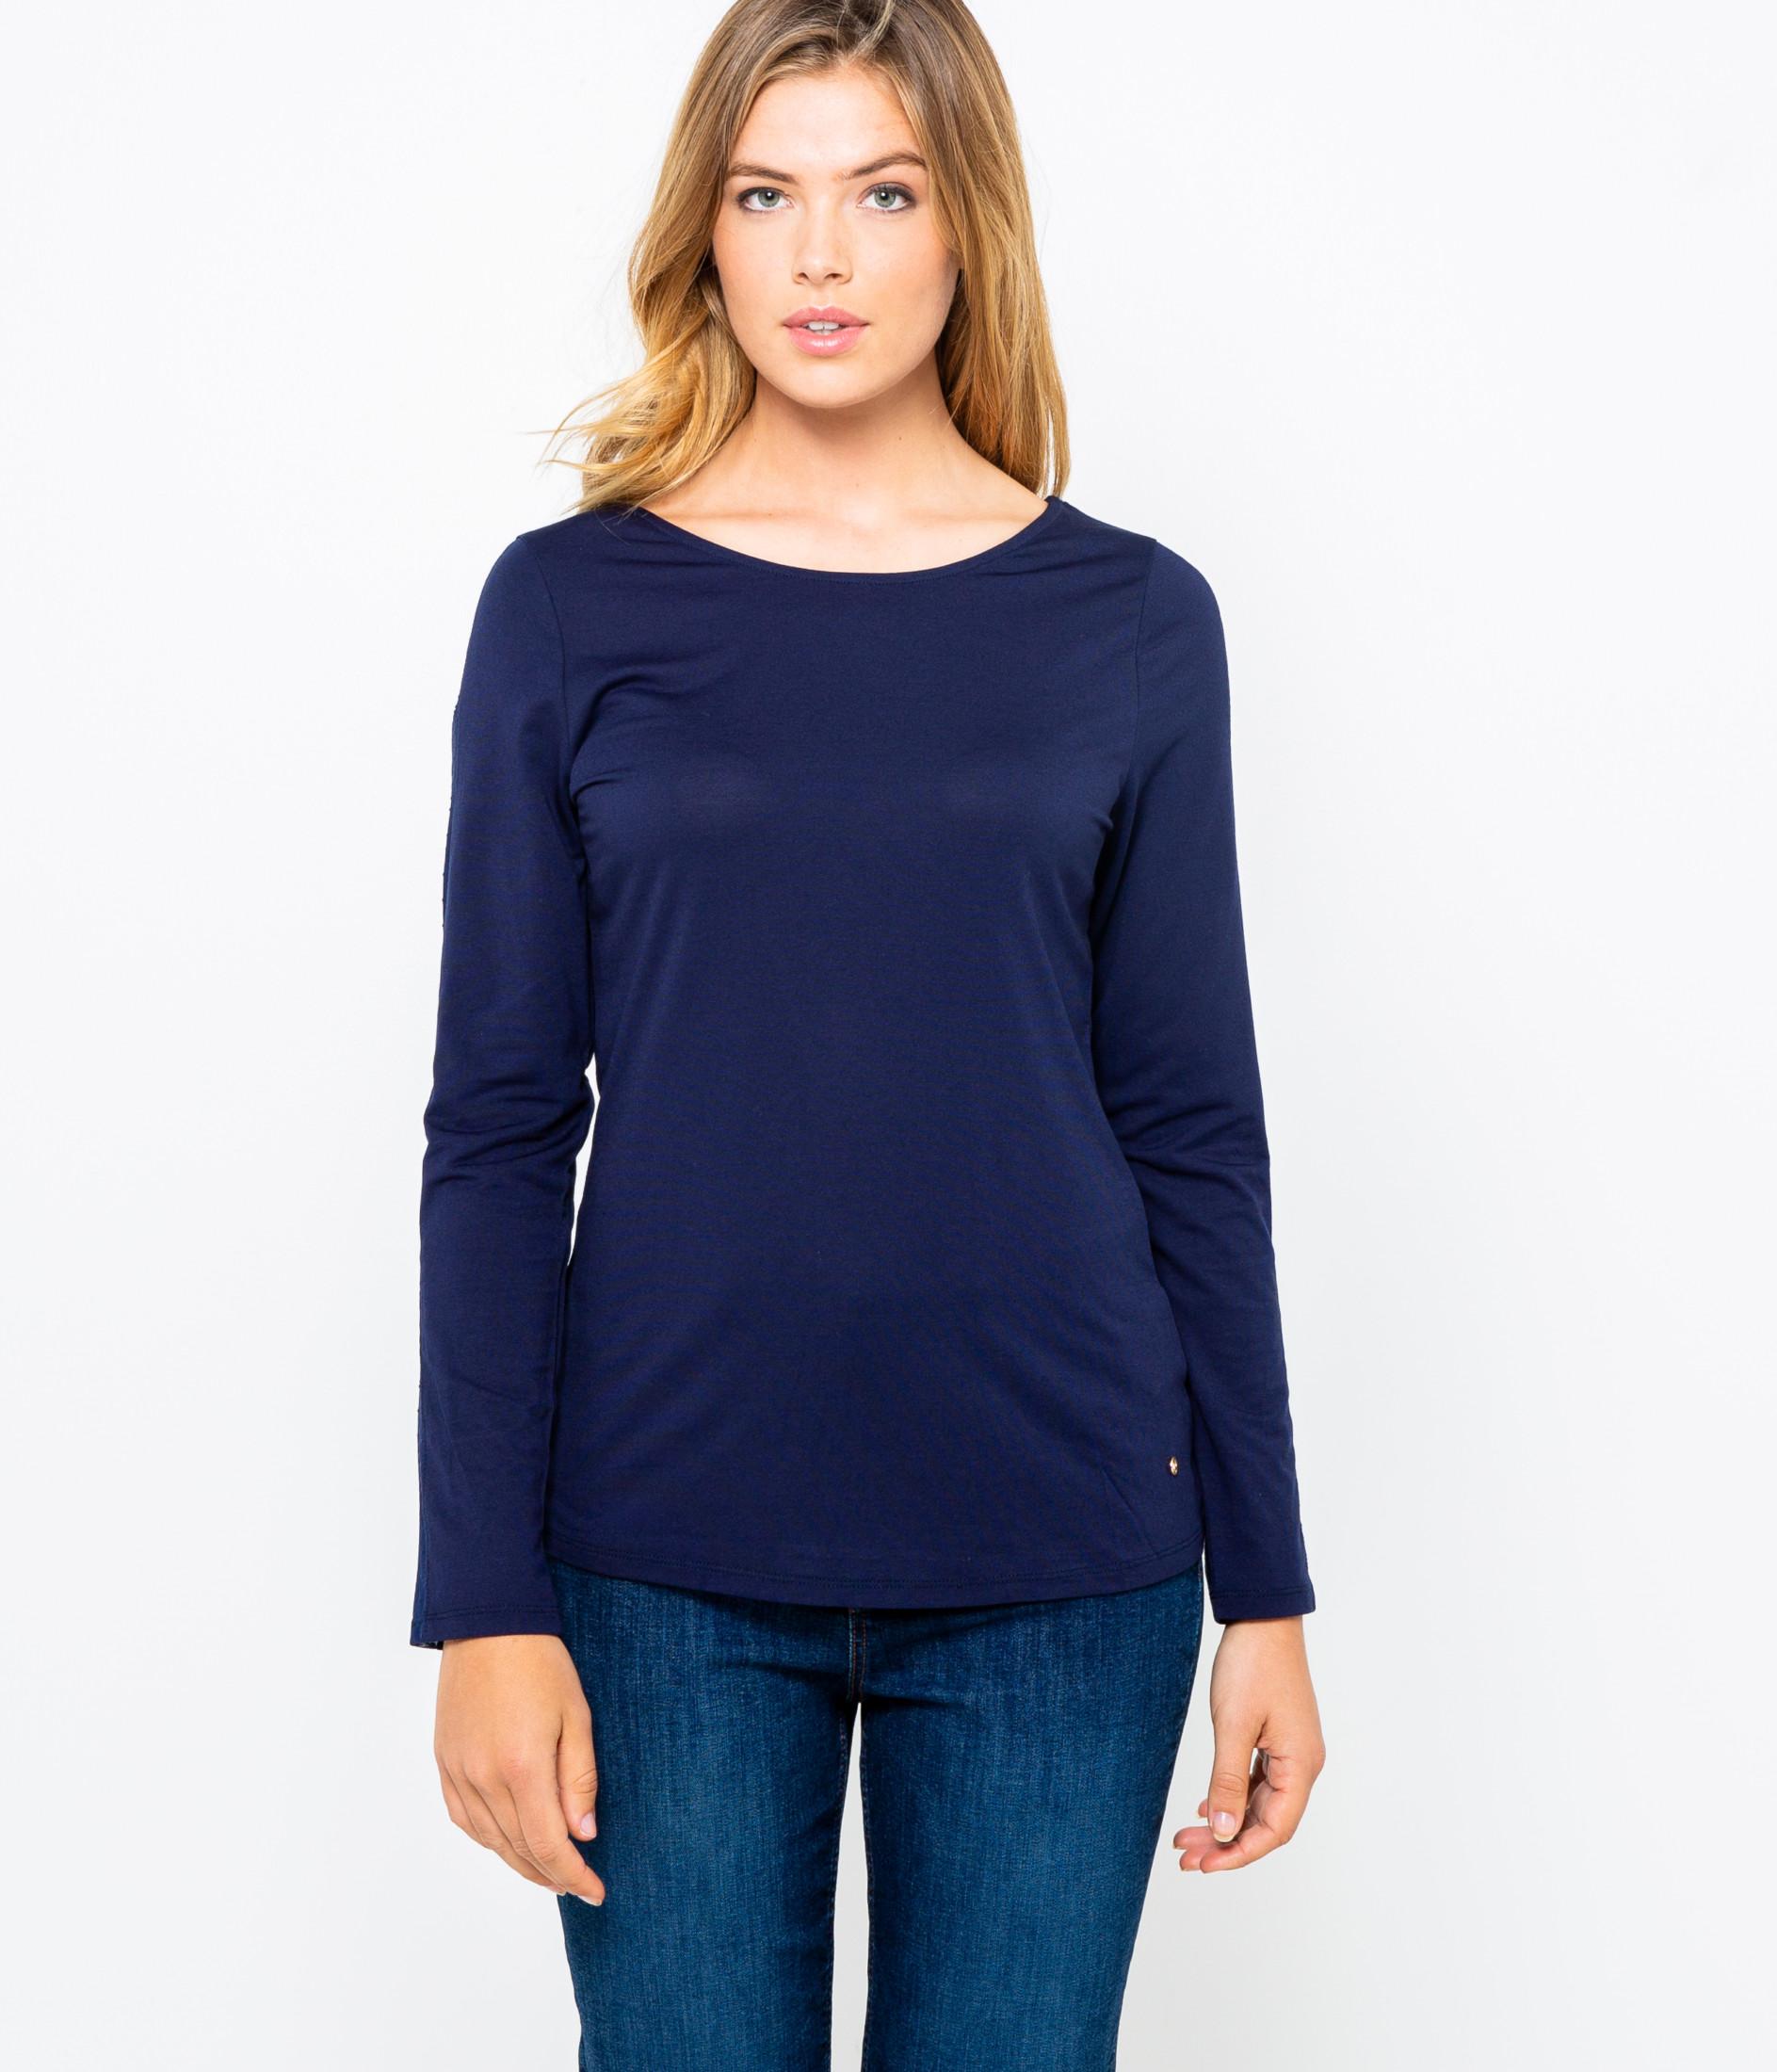 T T shirt Femme Camaïeu Camaï Camaï shirt Camaïeu Femme T Camaïeu 9WYDIE2eH